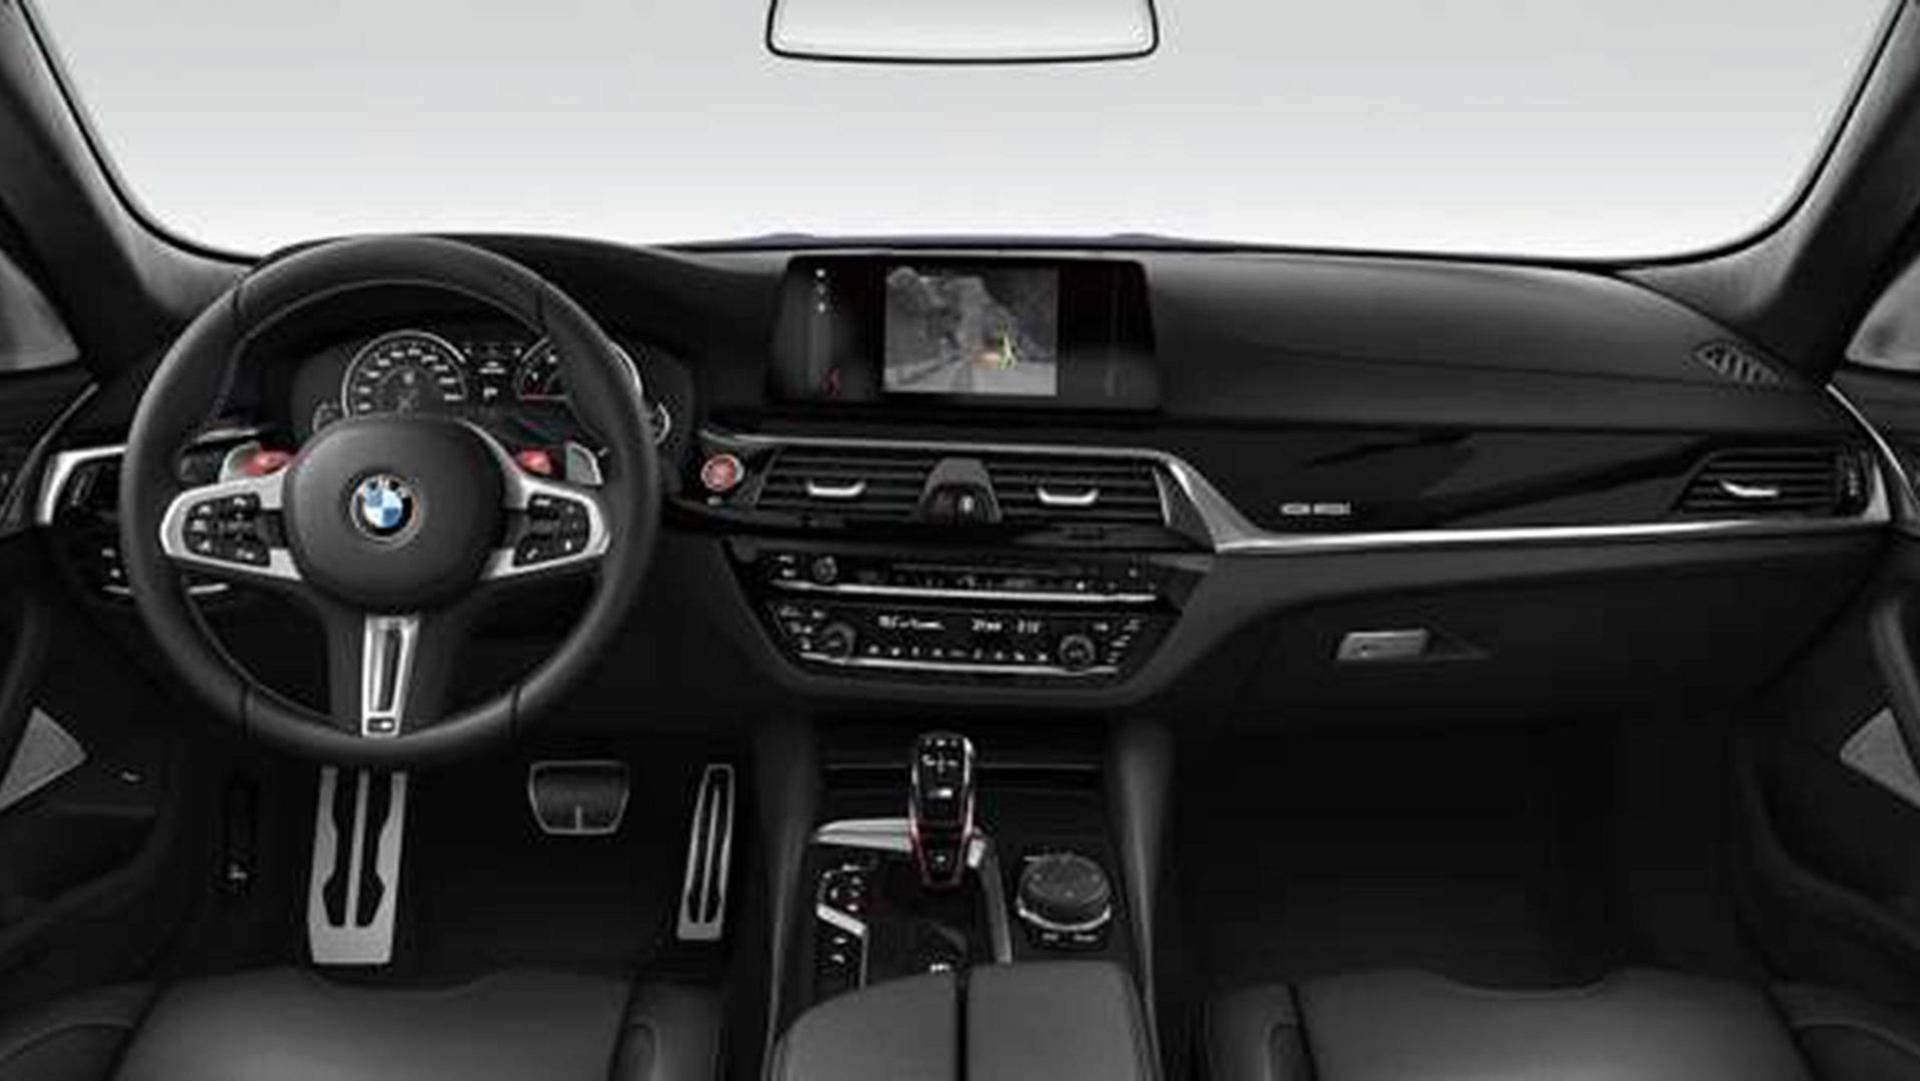 ВЯпонии состоится презентация особой версии седана БМВ M5